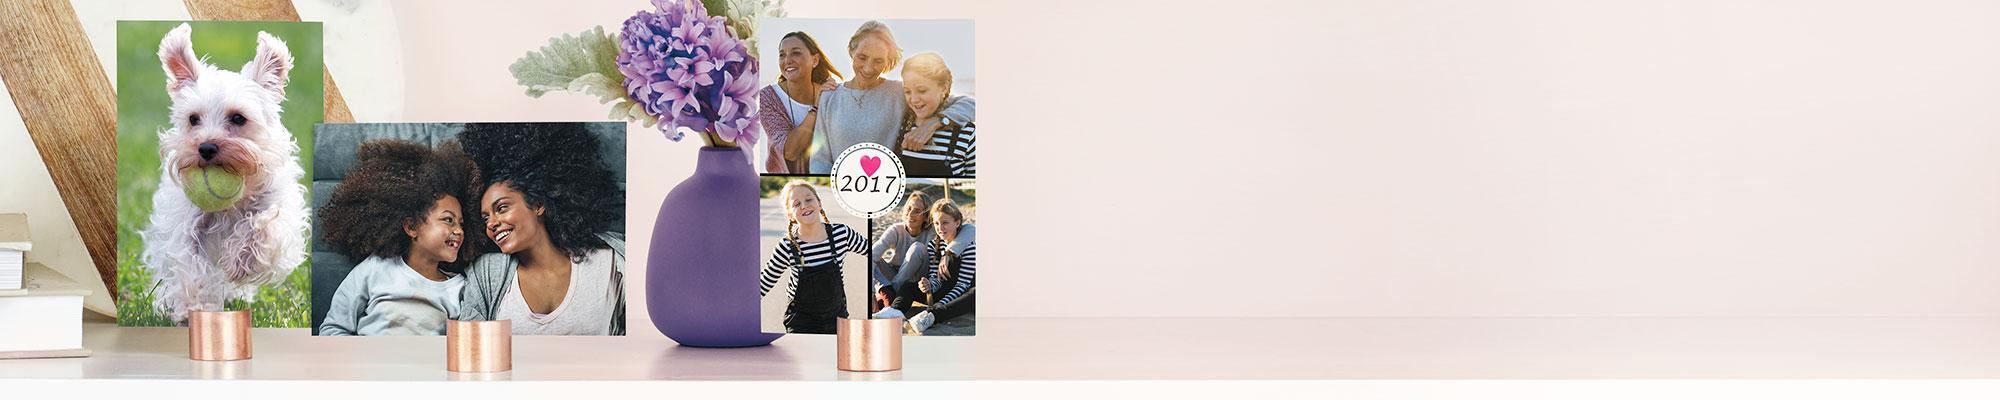 Stampe Conserva per sempre i momenti più belli della tua vita. Stampali, portali con te e condividili.